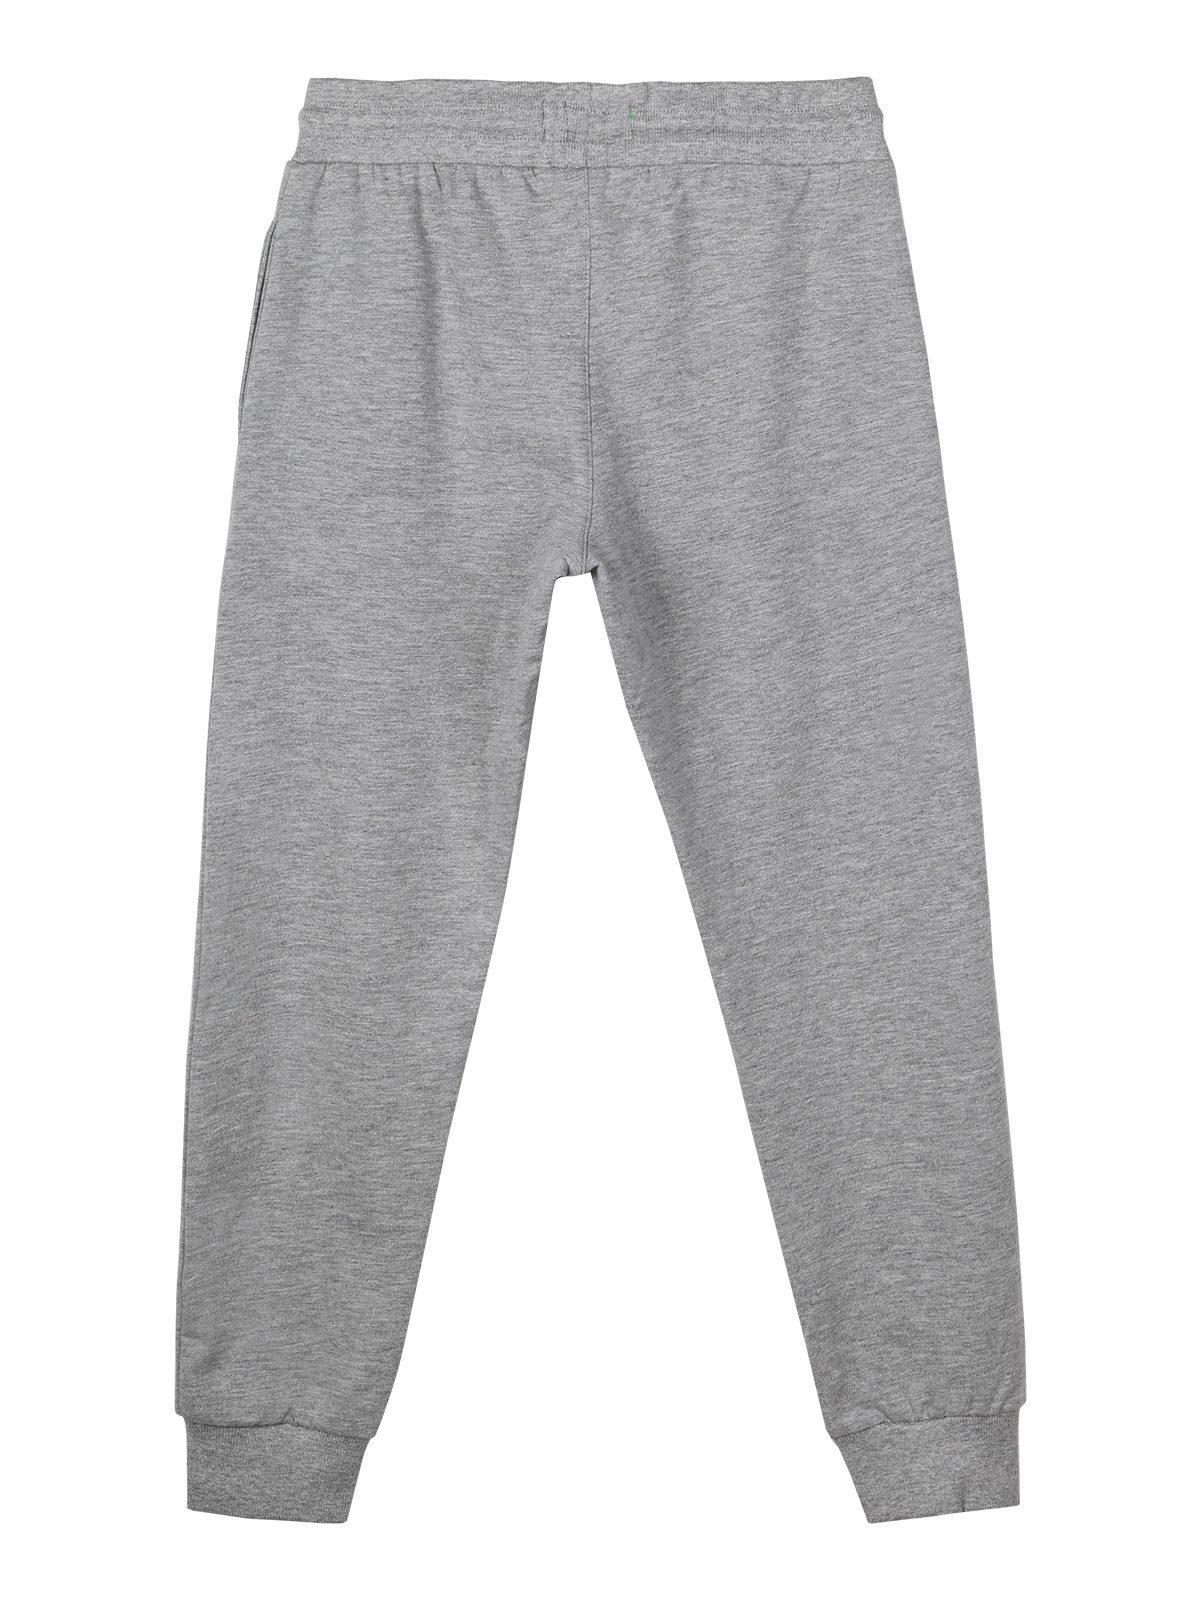 Pantaloni sportivi con polsino athl dpt | MecShopping